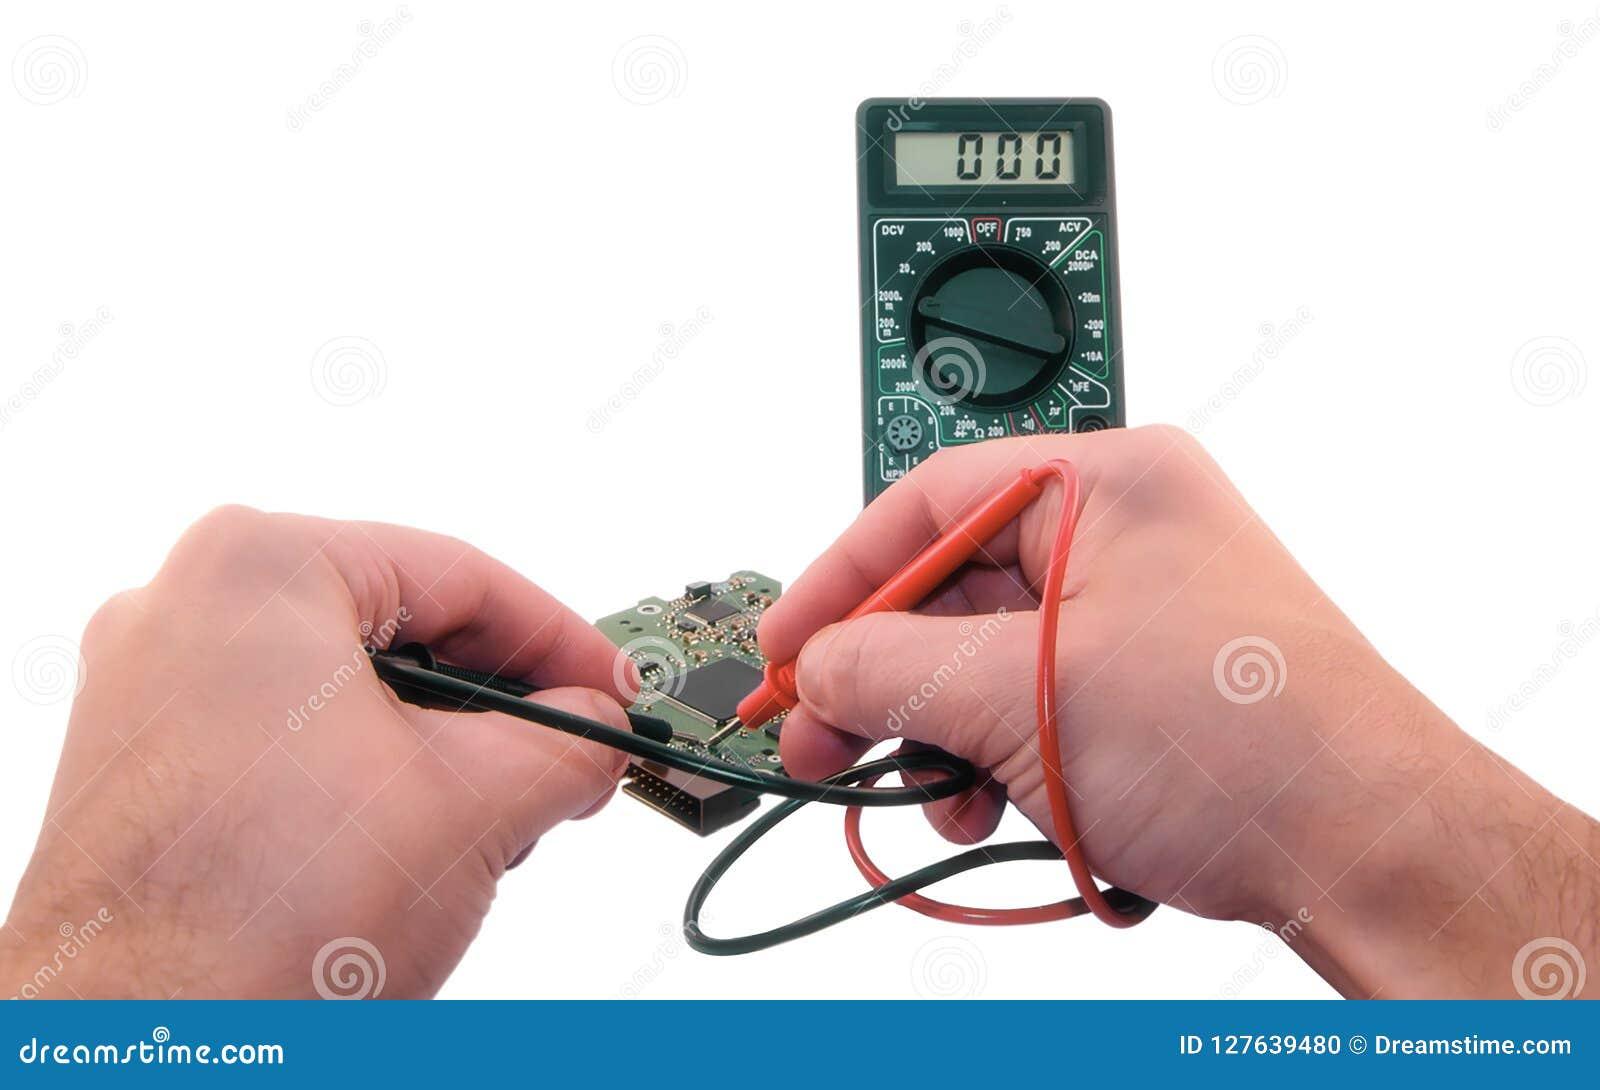 Meting met een elektronische multimeter